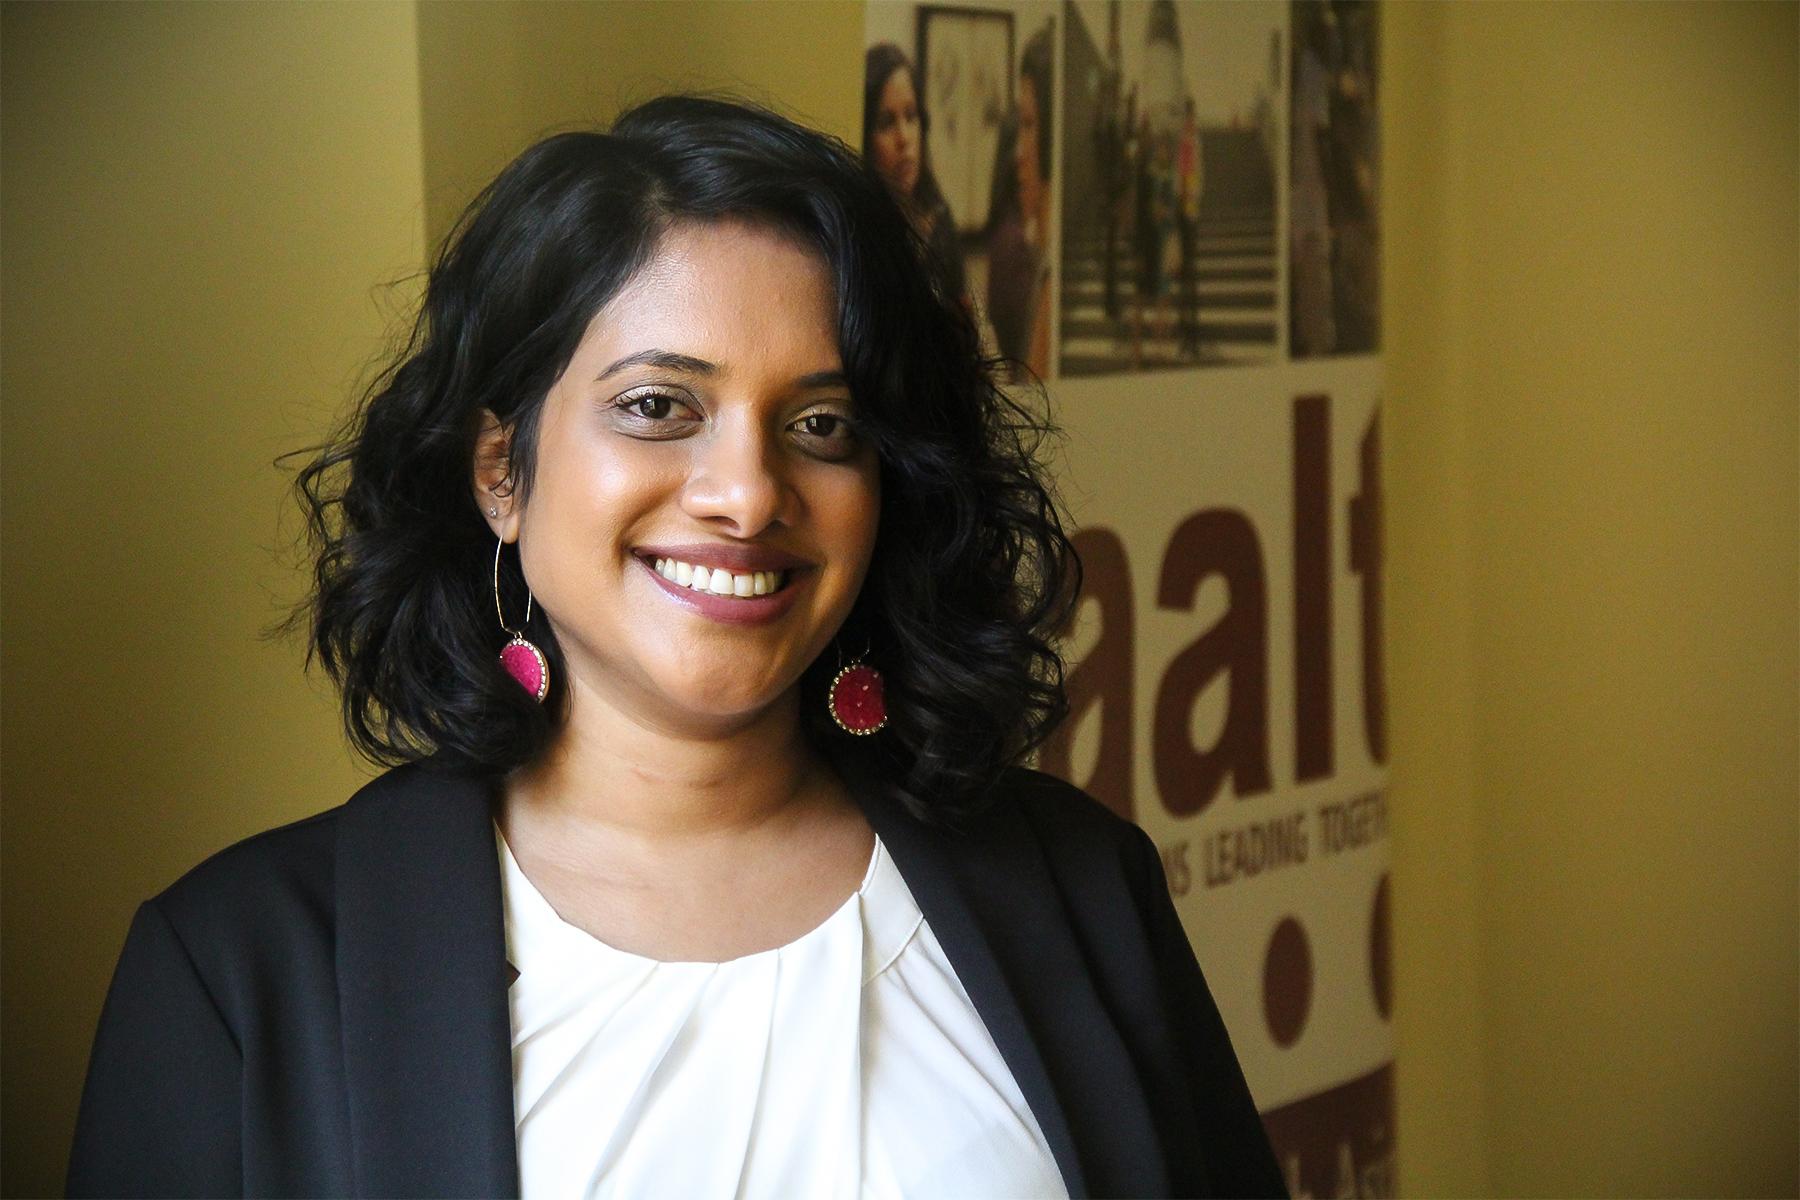 Lakshmi Sridaran